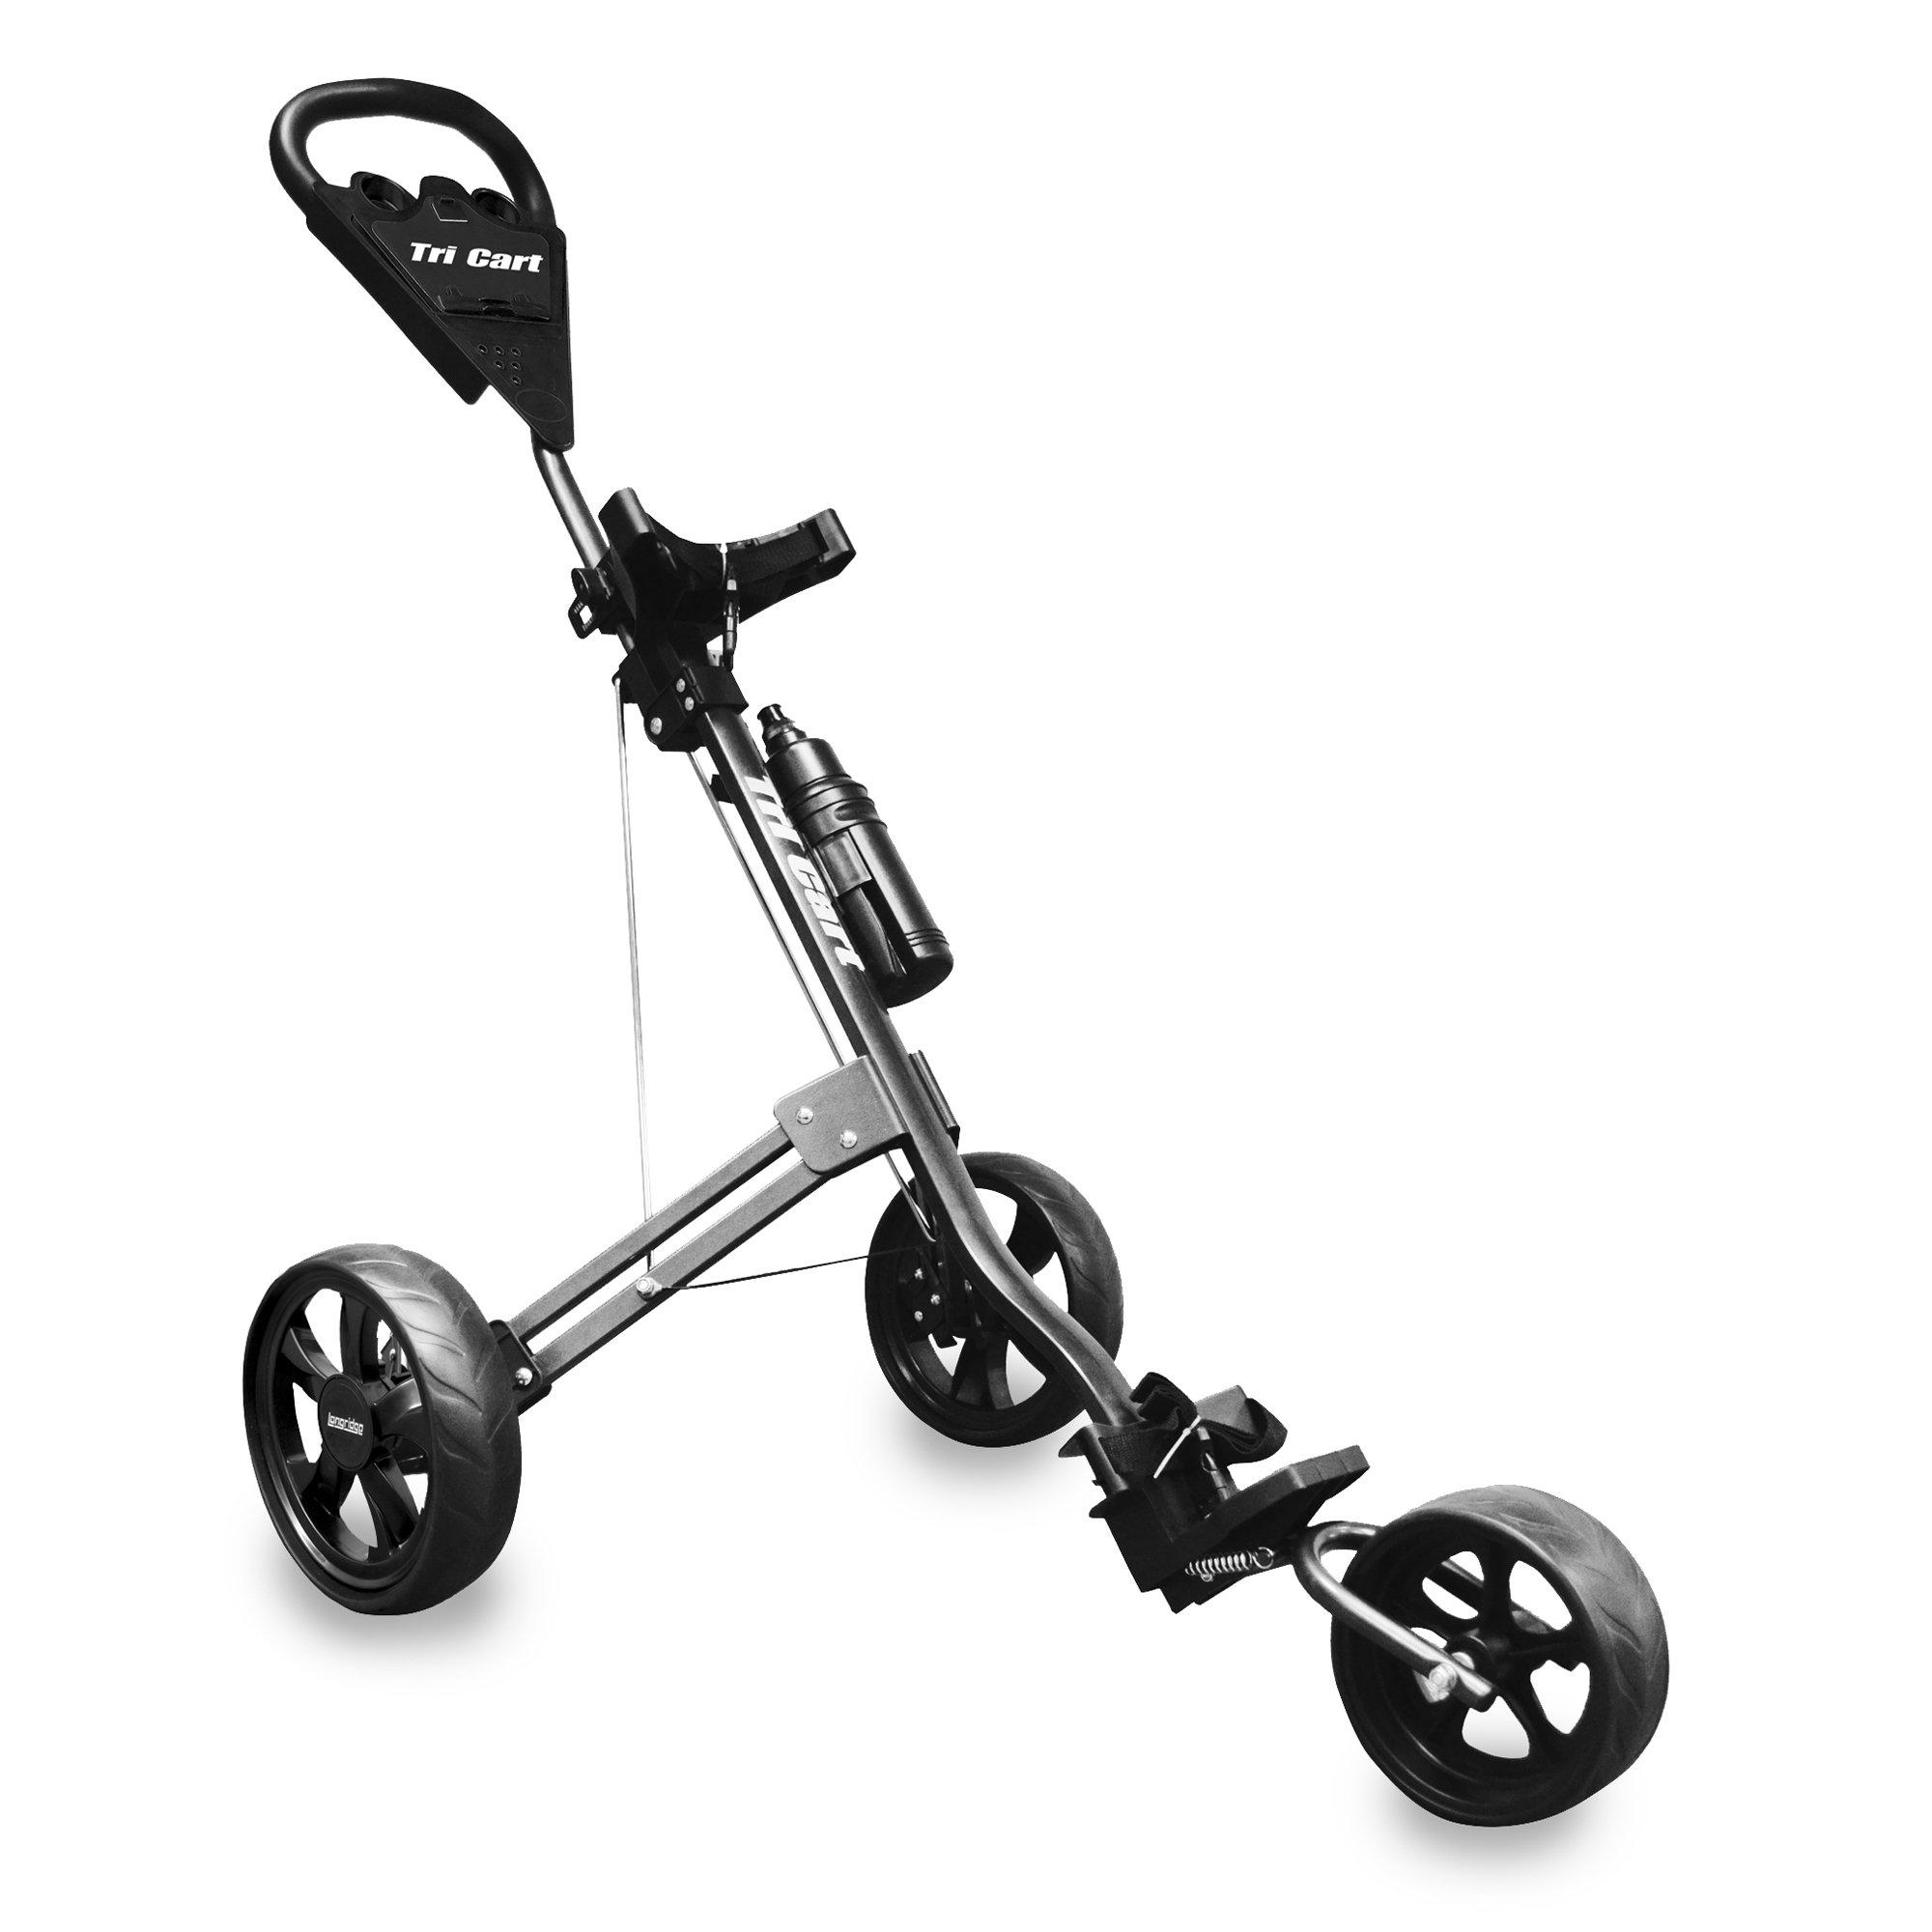 LONGRIDGE 2019 Golf Tri Cart 3 Roues Pousser/Tirer Le Chariot De Golf product image